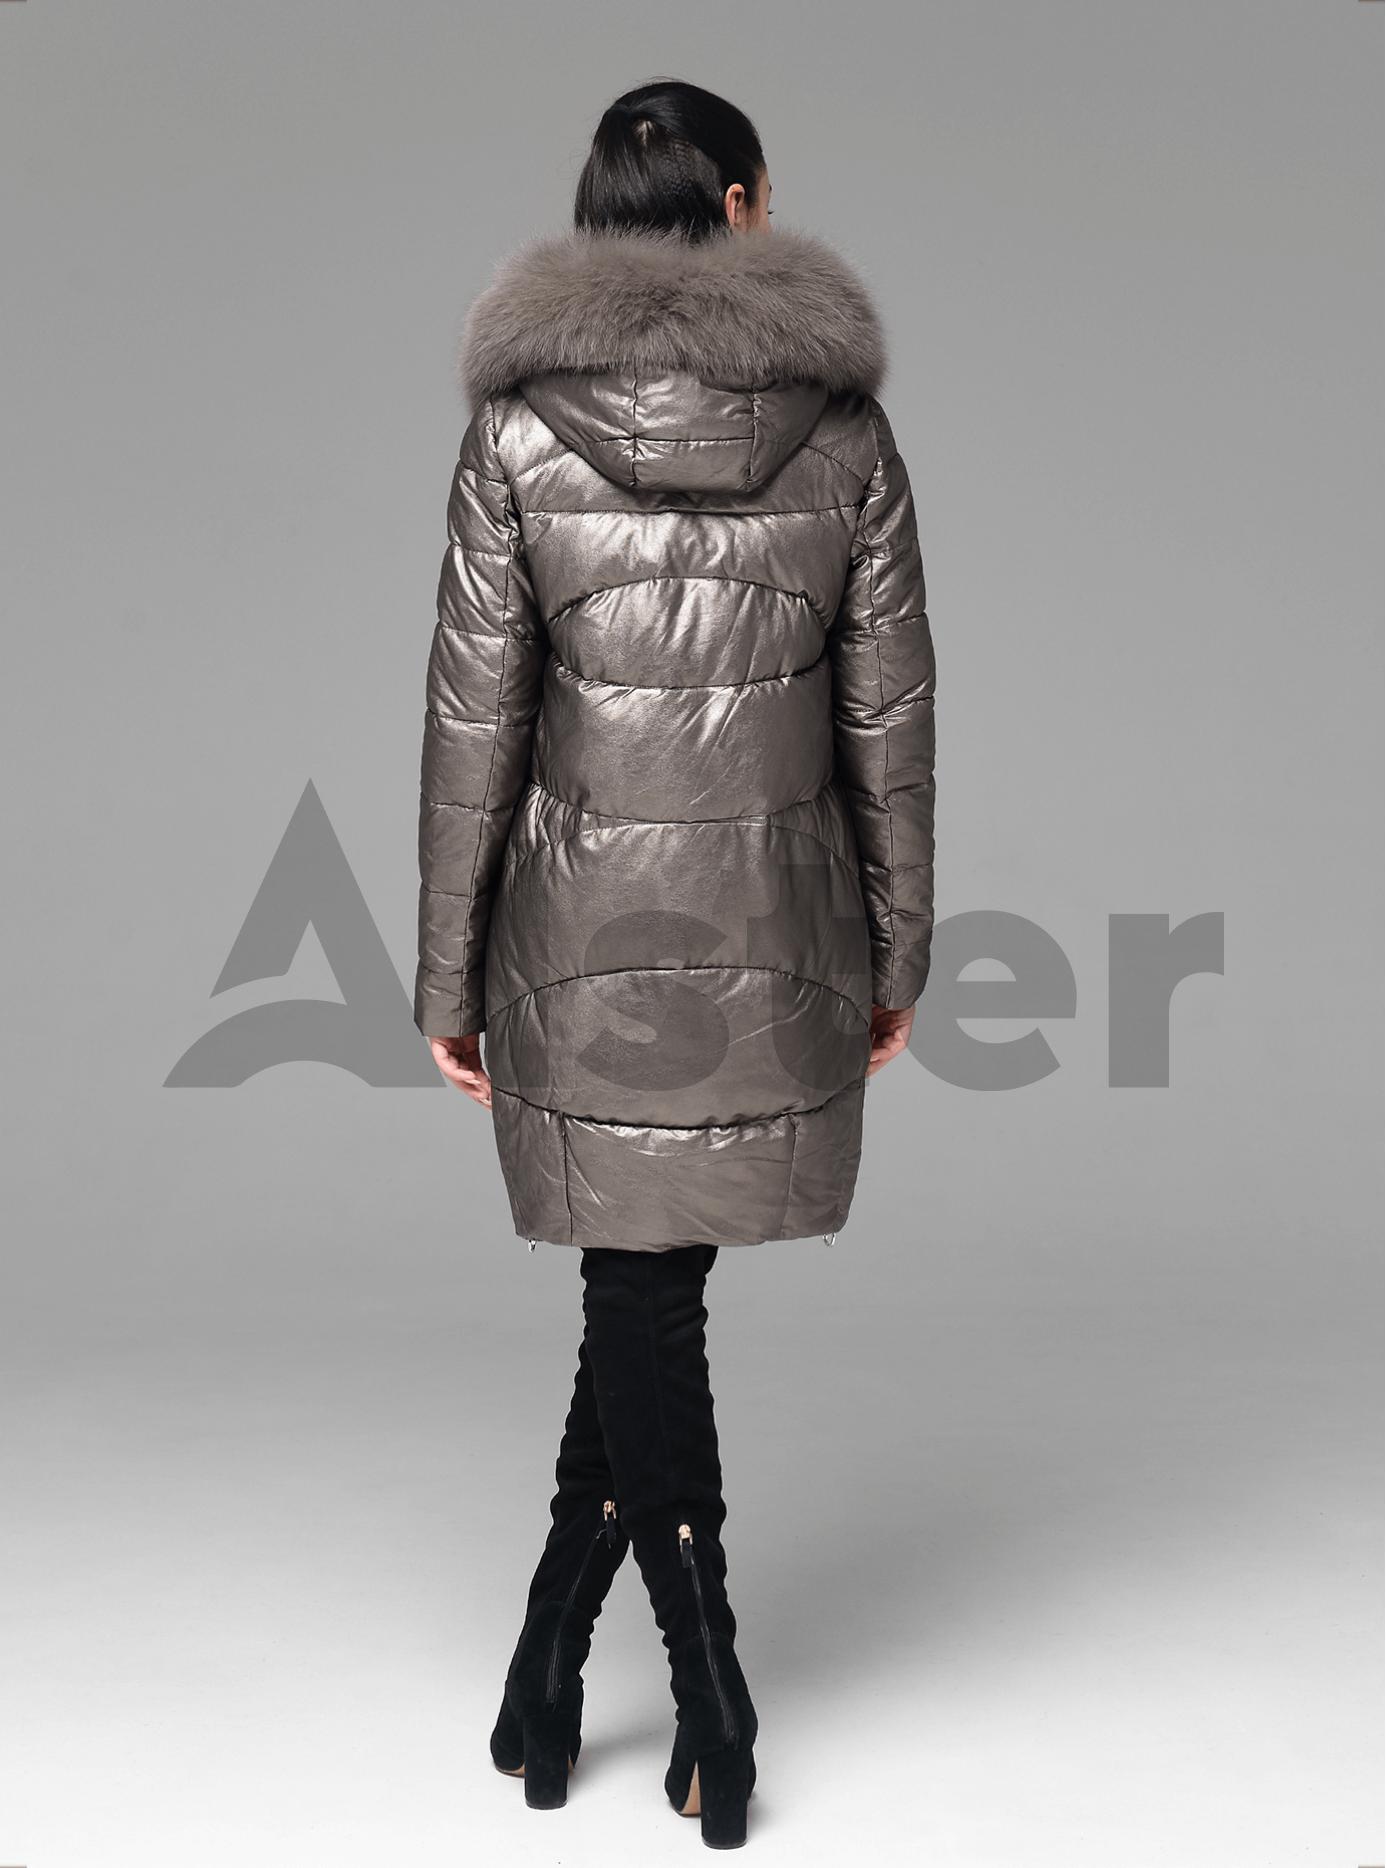 Куртка зимняя стеганая с мехом песца Коричневый 2XL (05-ZL2184): фото - Alster.ua